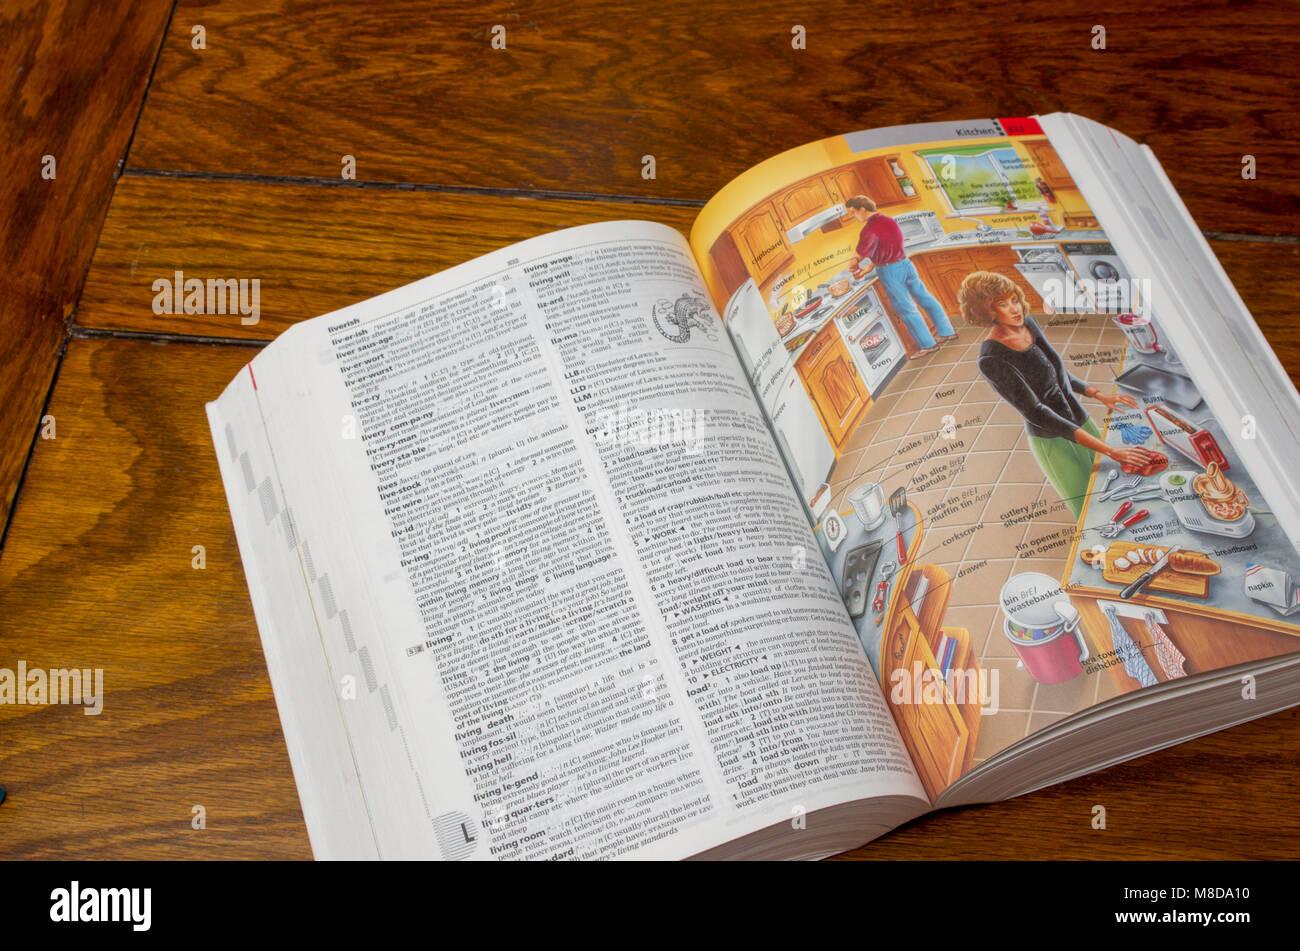 Longman Répertoire des anglais contemporain Ouvrir pour afficher les pages en images Photo Stock